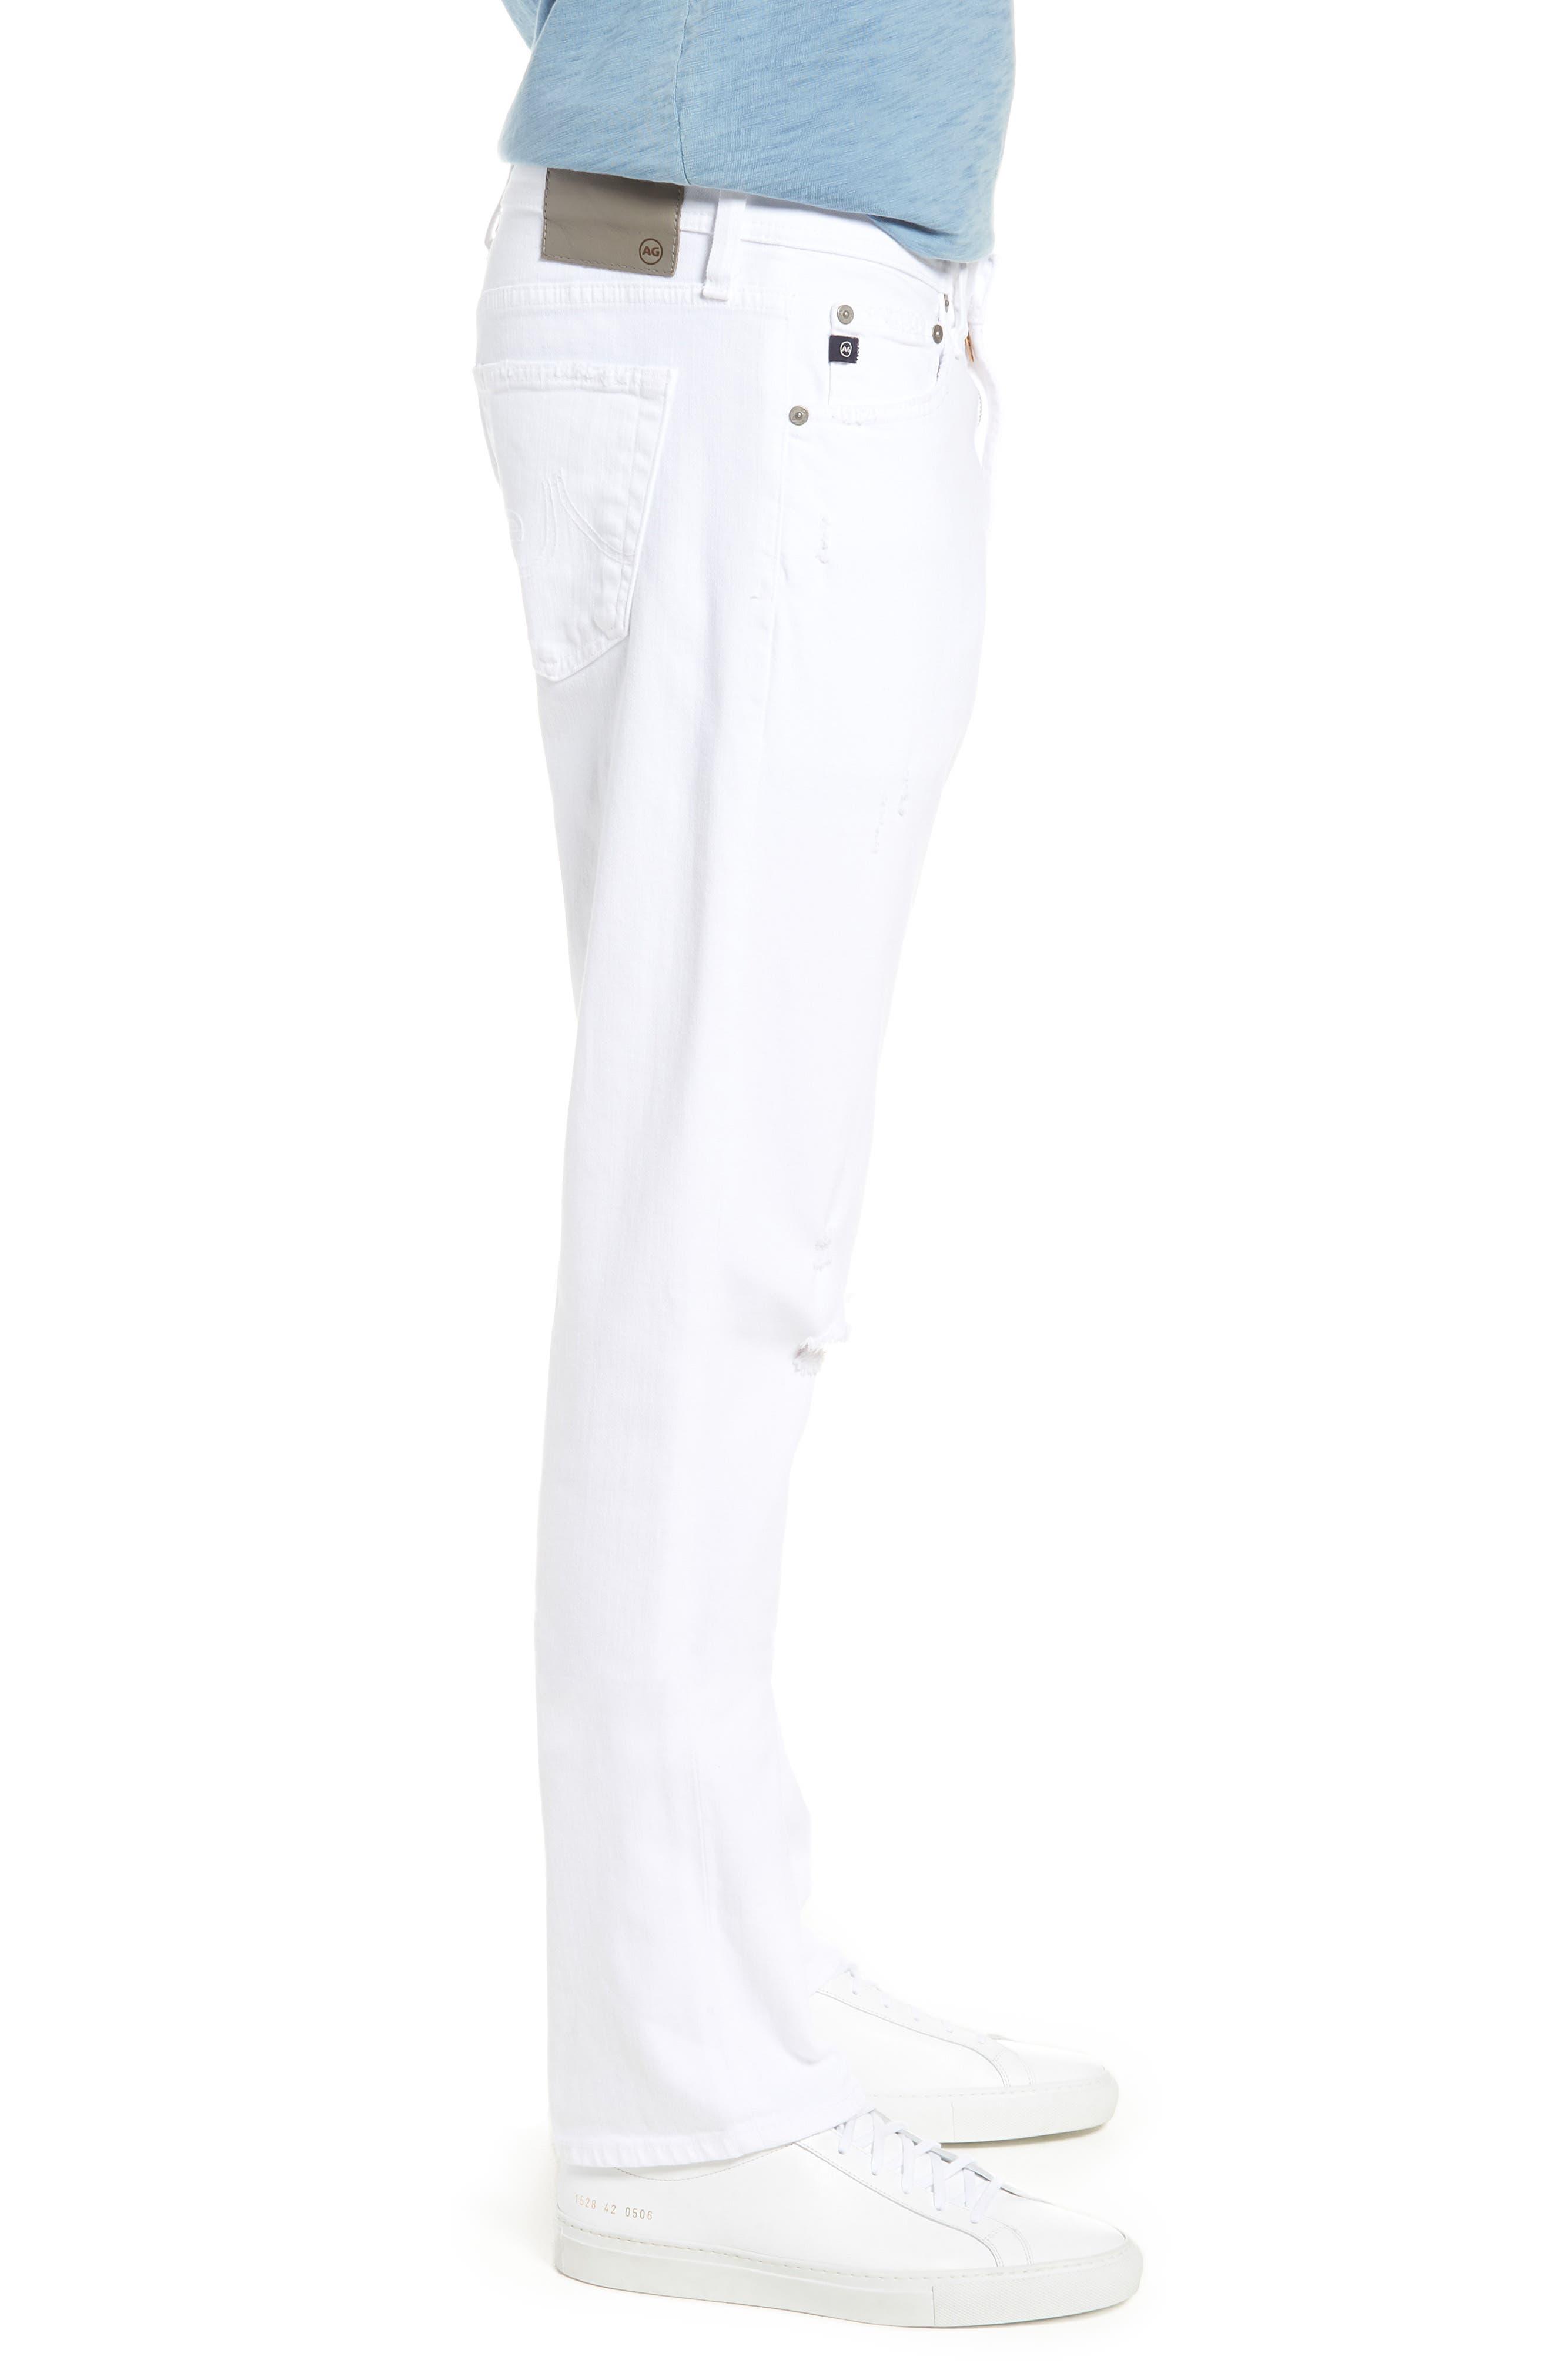 Everett Slim Straight Leg Jeans,                             Alternate thumbnail 3, color,                             129